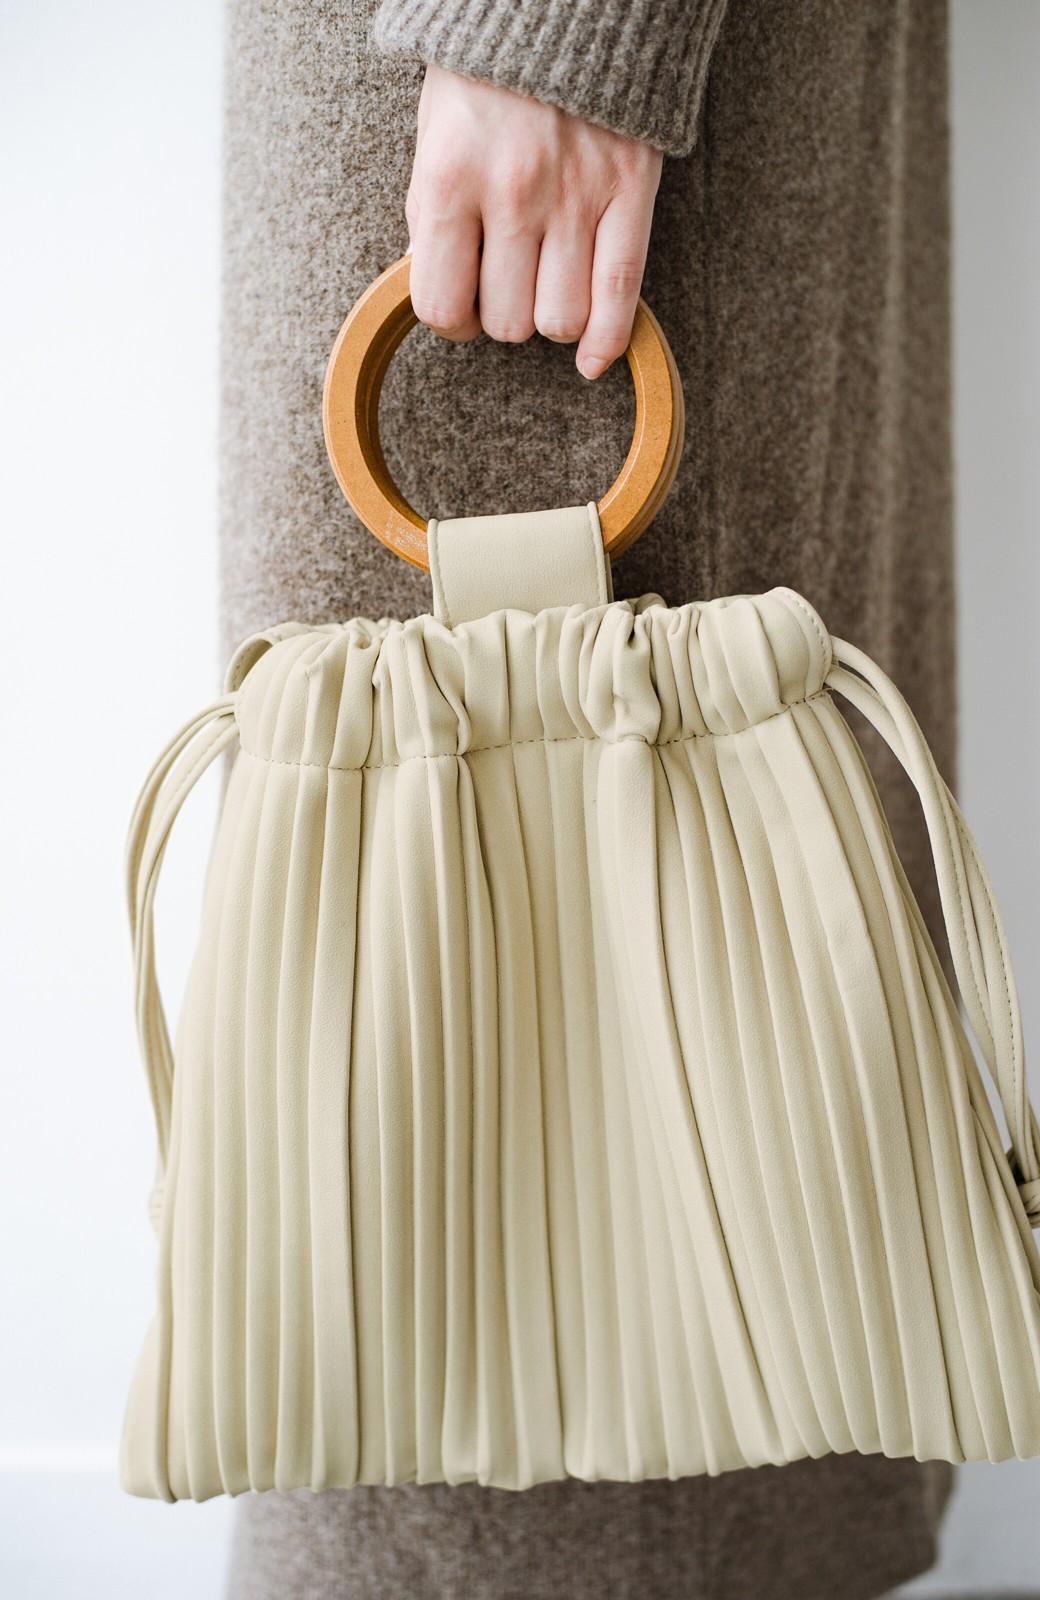 haco! パッと持ってコーデのポイントになる フェイクスエードがやさしい雰囲気の2WAYプリーツバッグ <アイボリー>の商品写真5